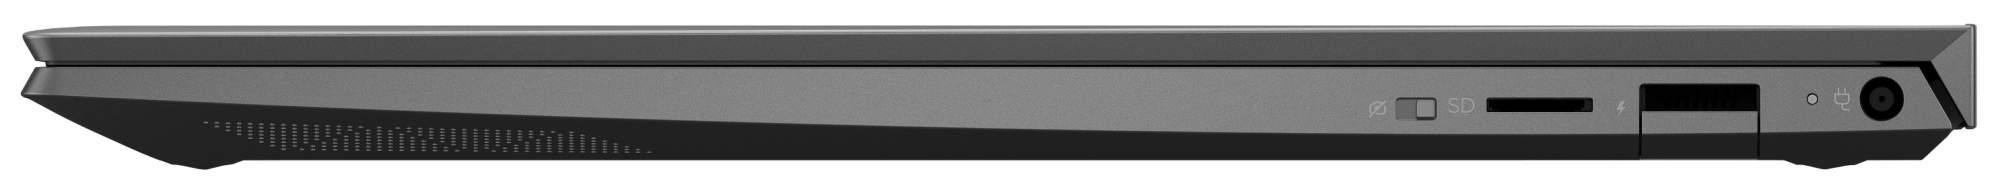 Ультрабук HP ENVY x360 Convertible 13-ay0023ur 22M55EA